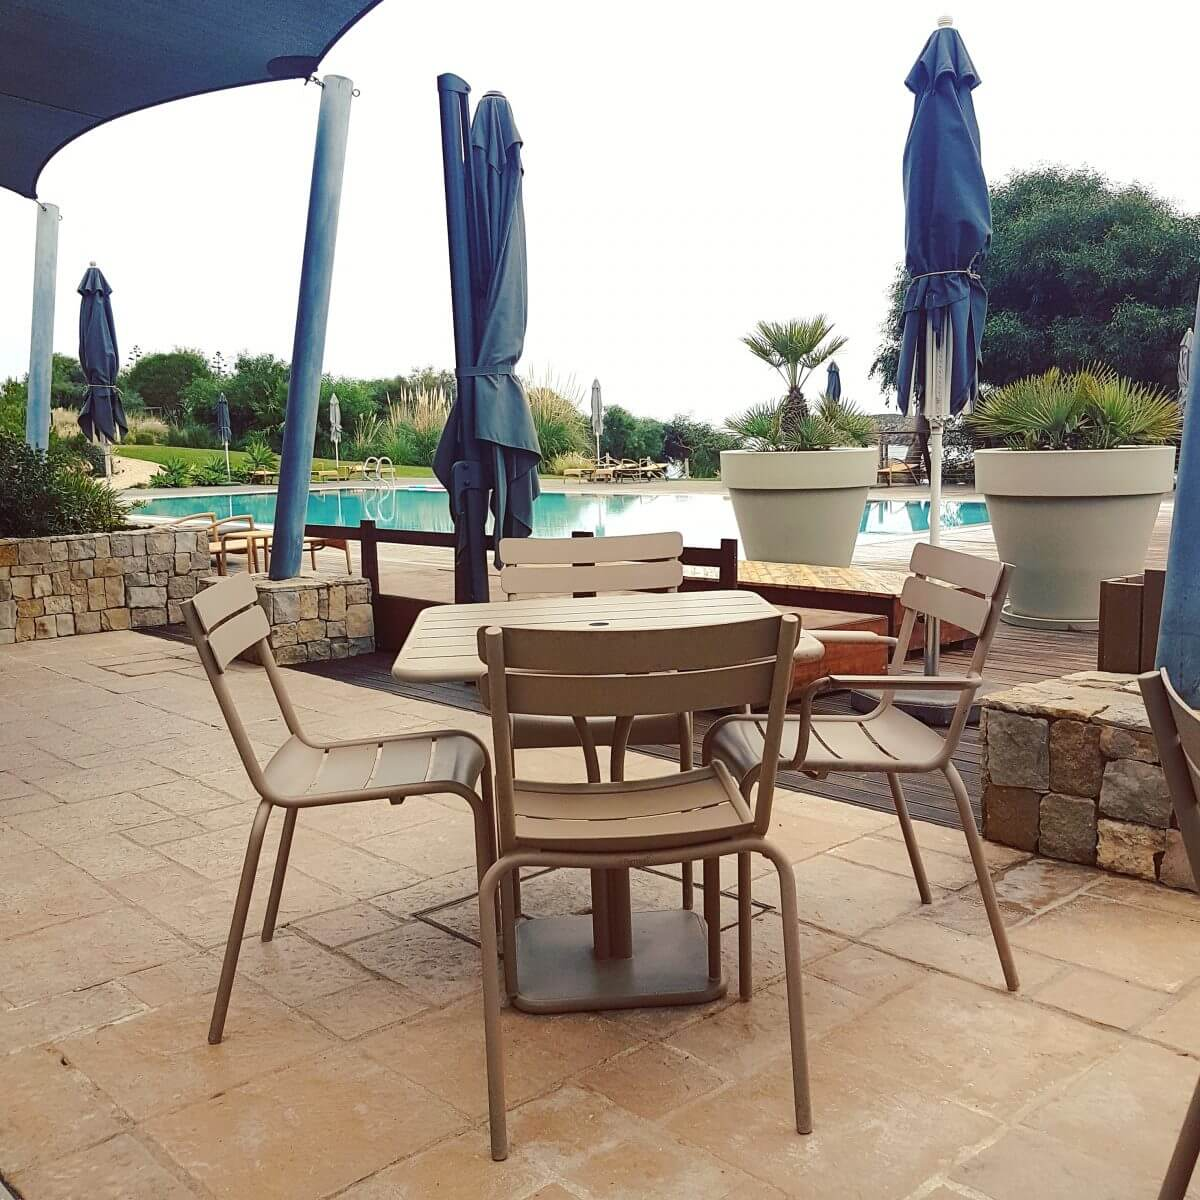 Algarve met kids: idyllisch familieresort Martinhal en met kids naar Sagres - zwembad met terras